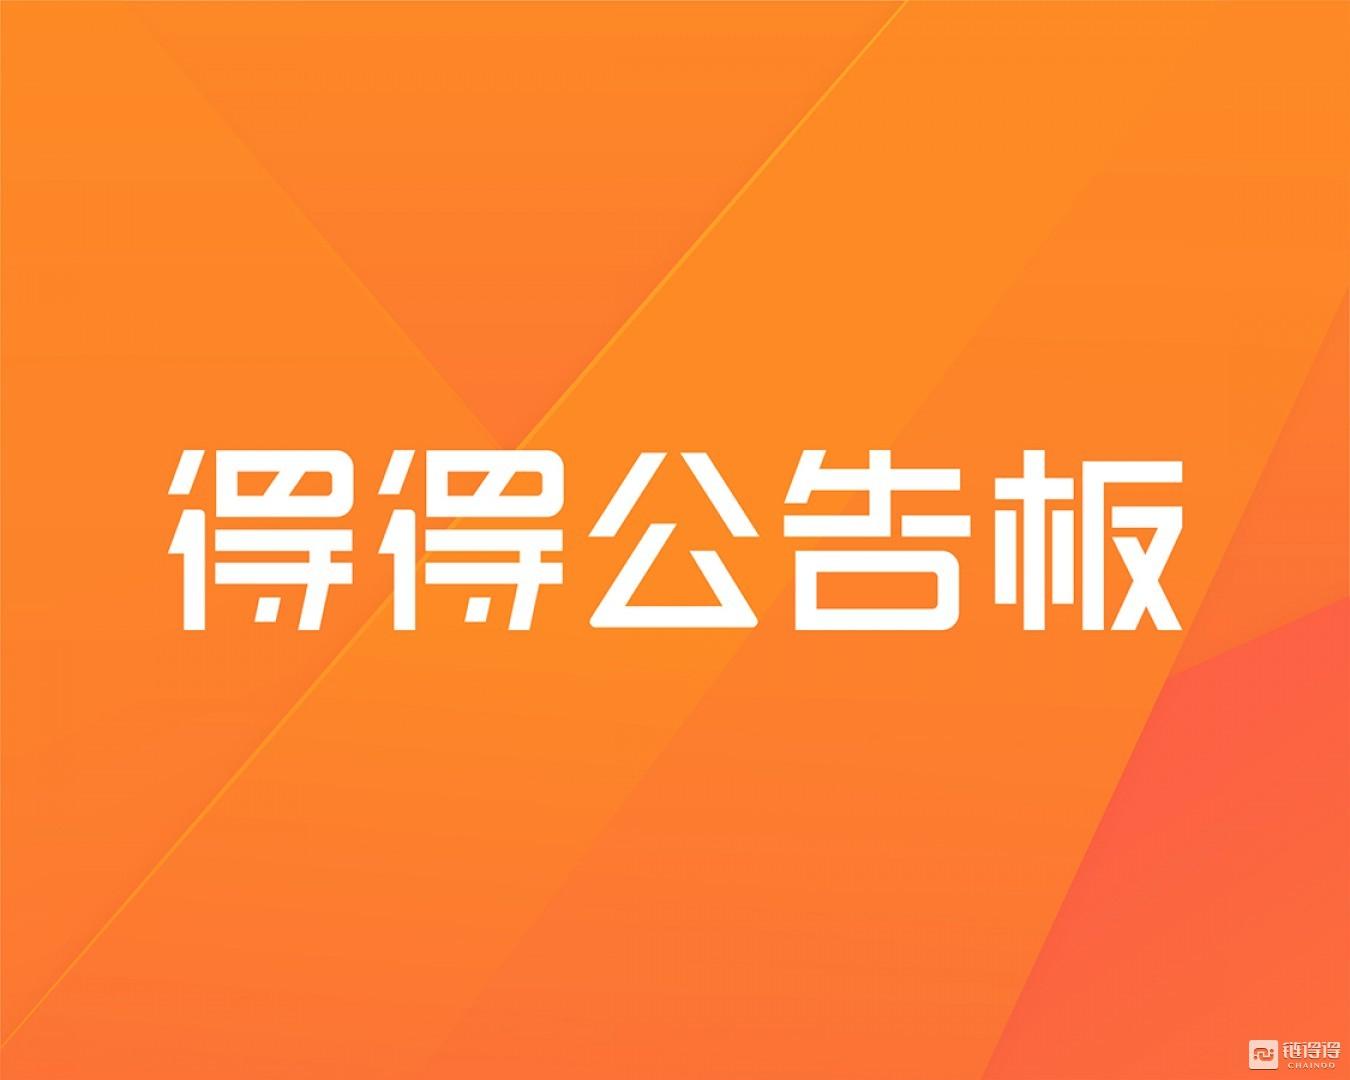 <b>【得得公告板】OKEx现已完成BSV交割合约系统升级|8月12日</b>